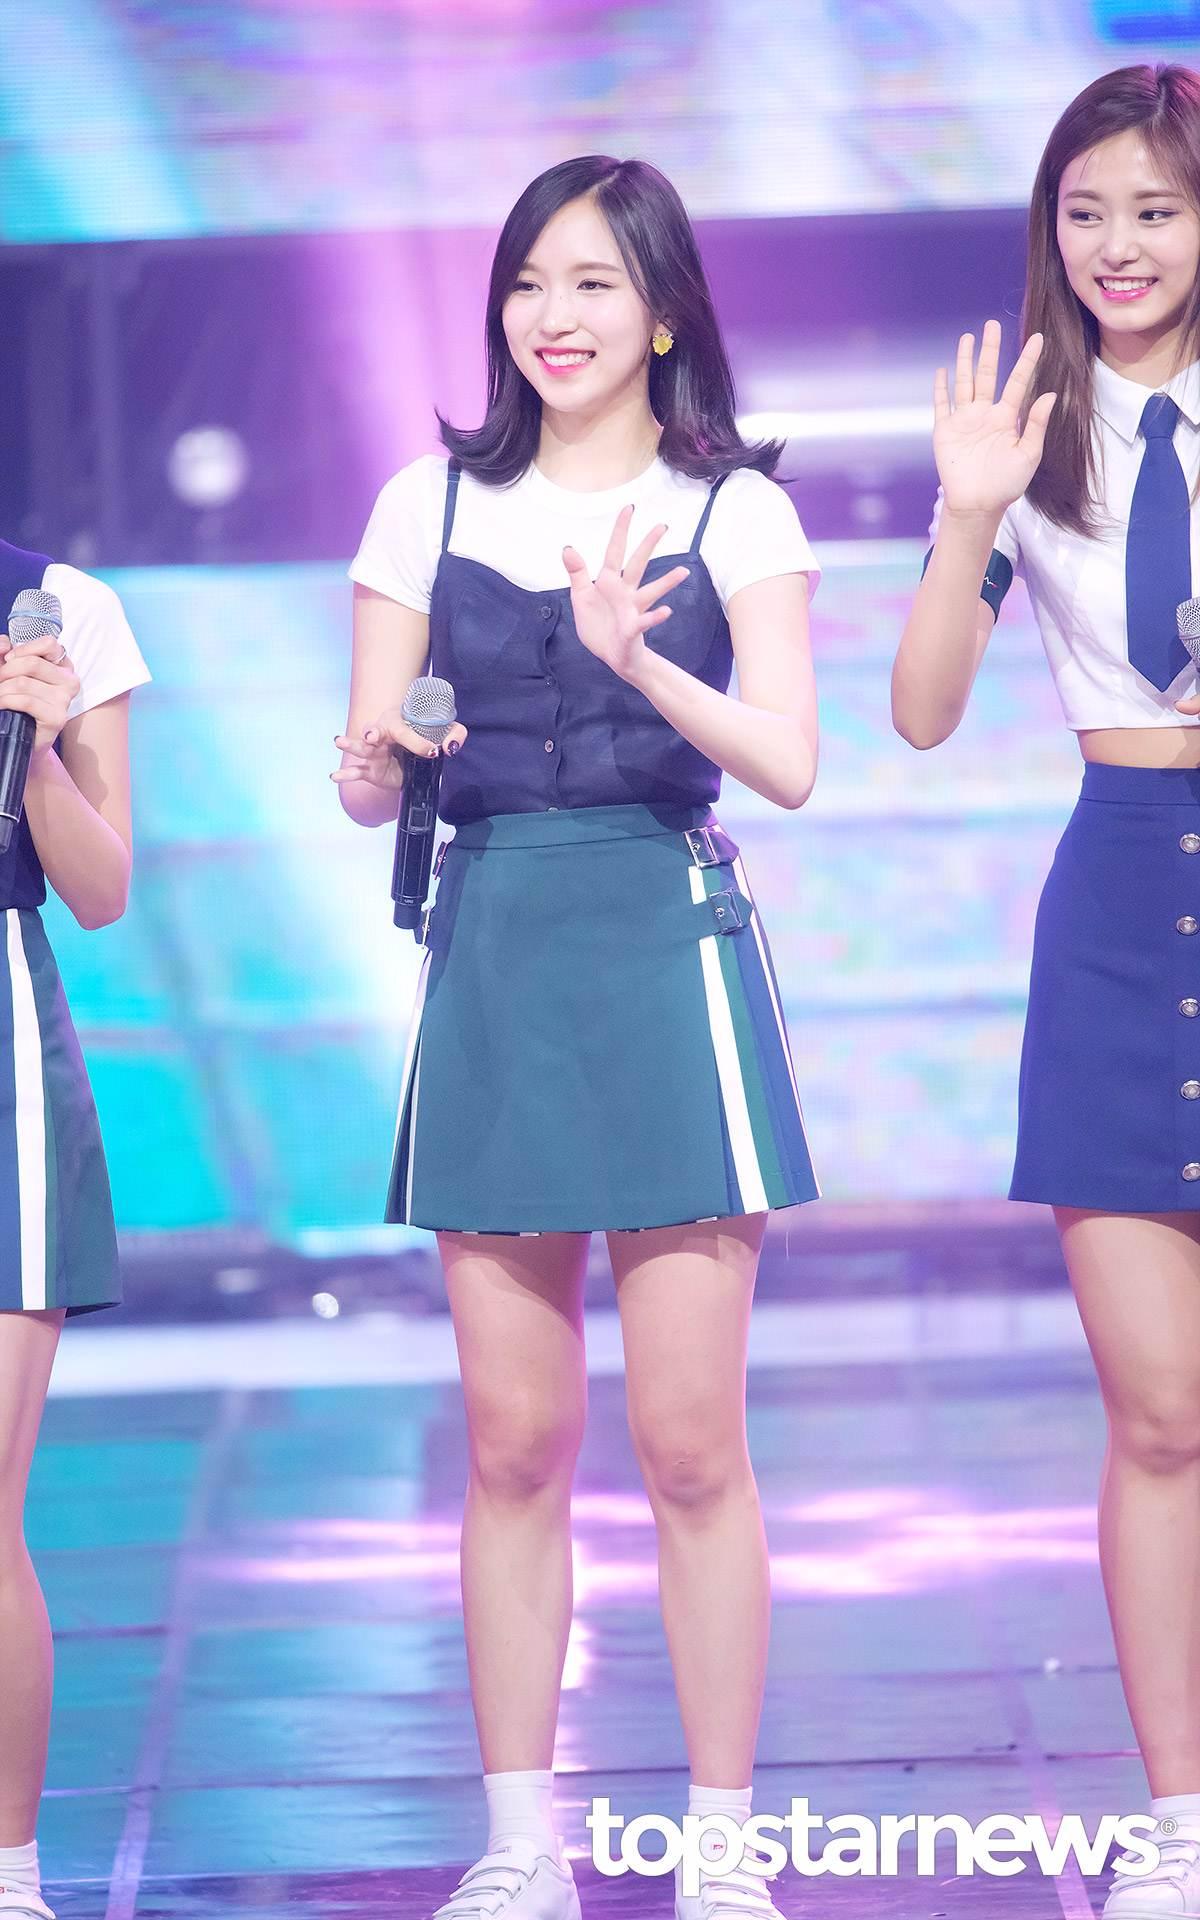 就連平常不常哭的Mina也在演唱會現場留下了眼淚,看來最近Mina也承受了不小壓力,真的辛苦你們了ㅠㅠ